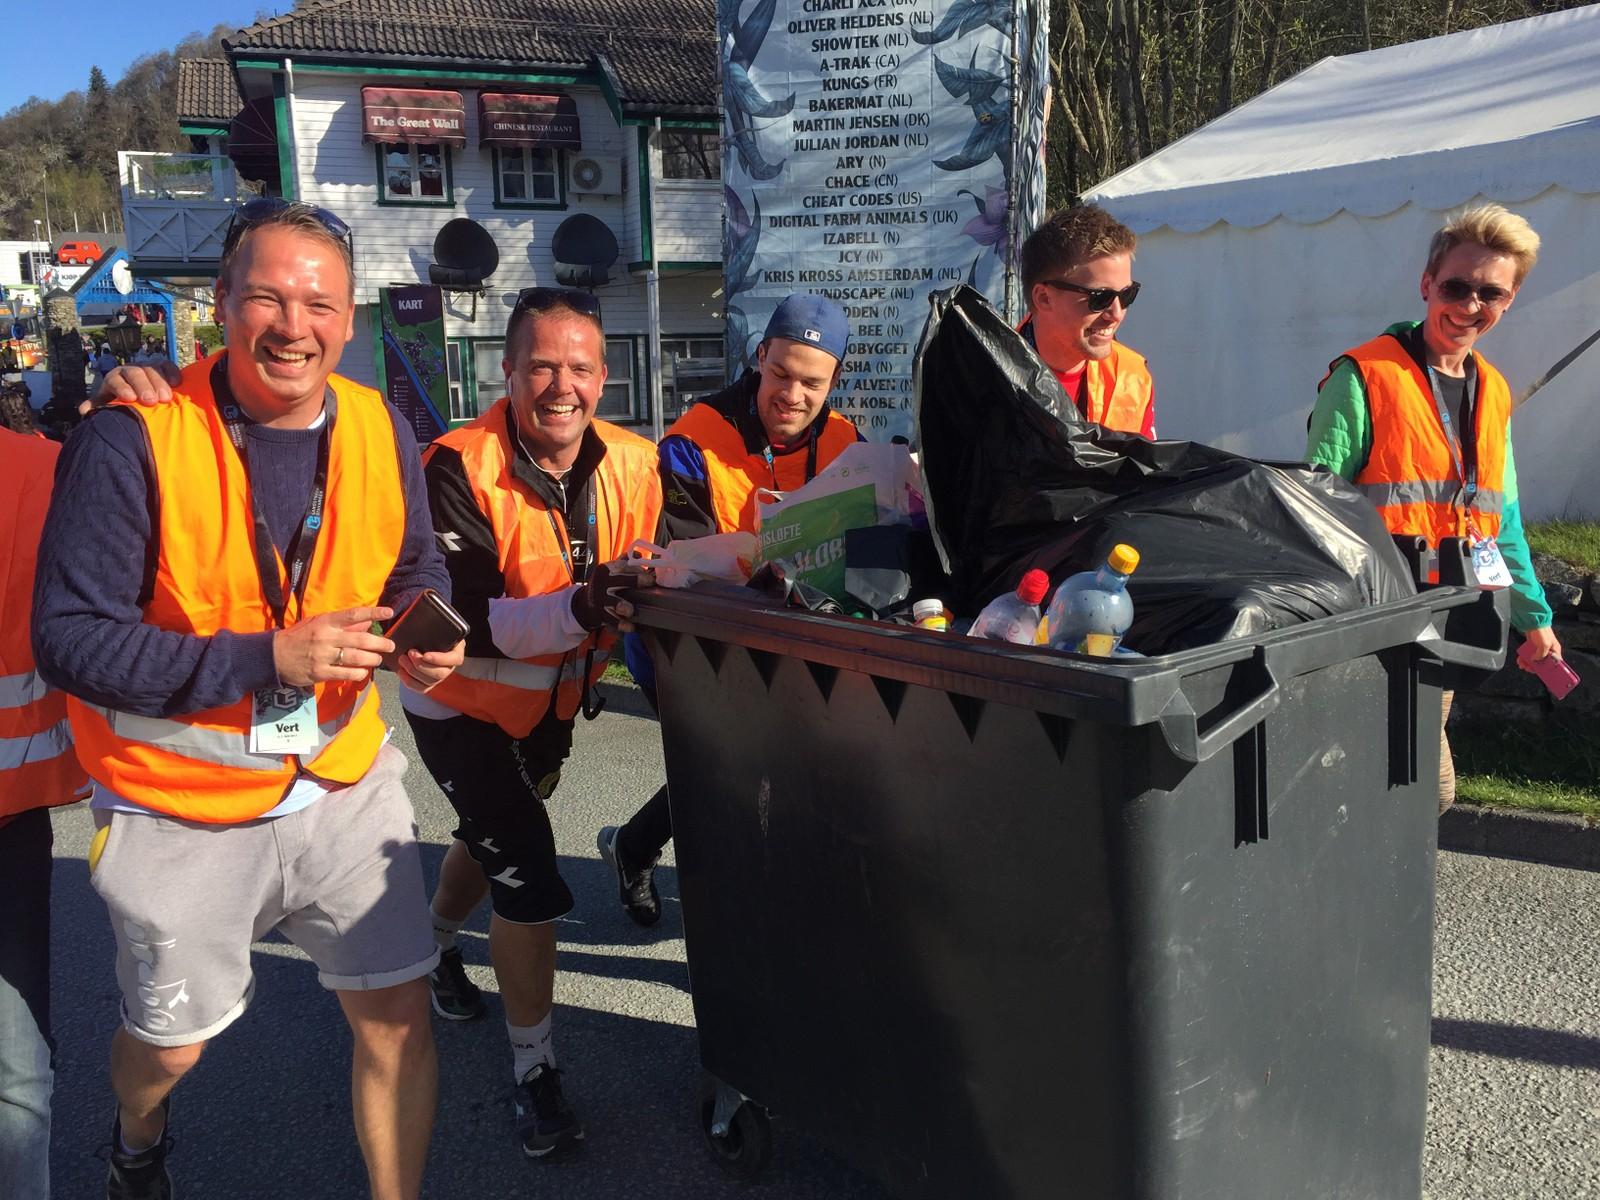 1100 frivillige legg ned 8000 dugnadstimar i løpet av Landstreff-helga. Her er Bryne FK-trenar (t.v) Ole Hjelmhaug saman med dagleg leiar i same klubb Asle Tjøtta (nummer to frå venstre) i full sving med å plukka søppel.